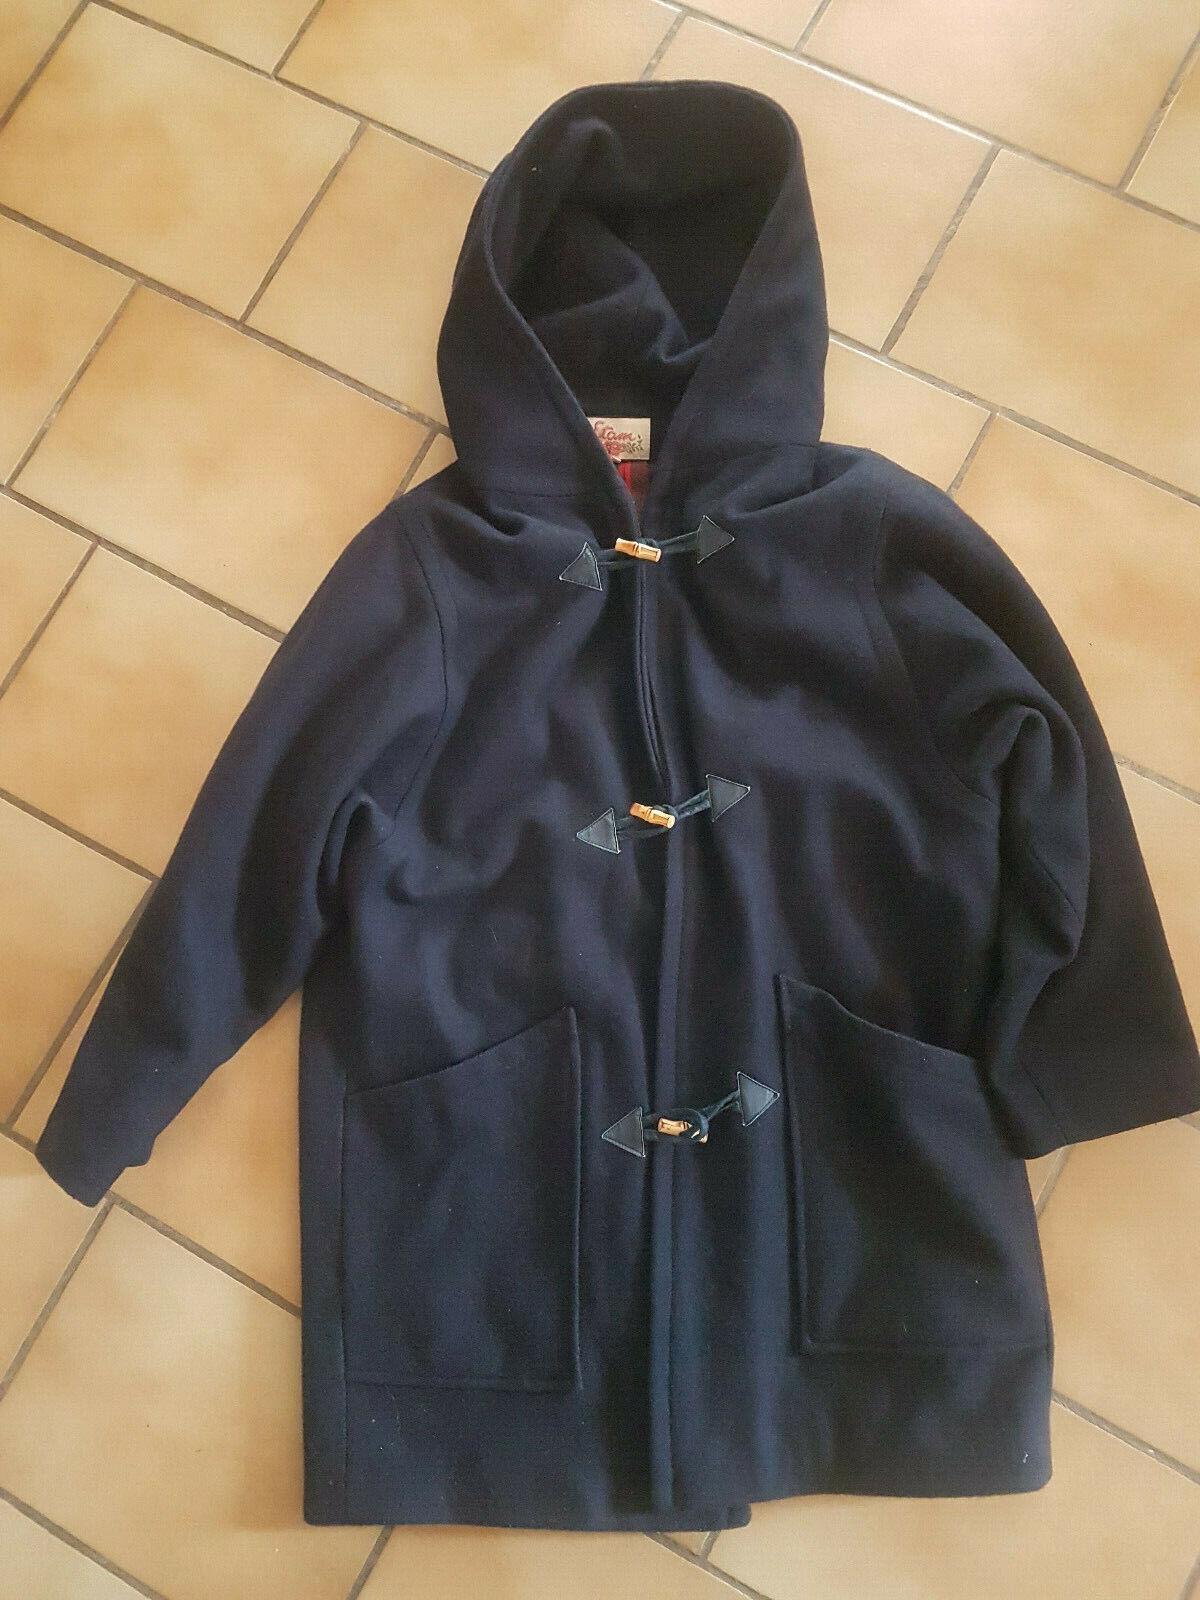 Manteau duffle coat bleu marine taille 1 etam